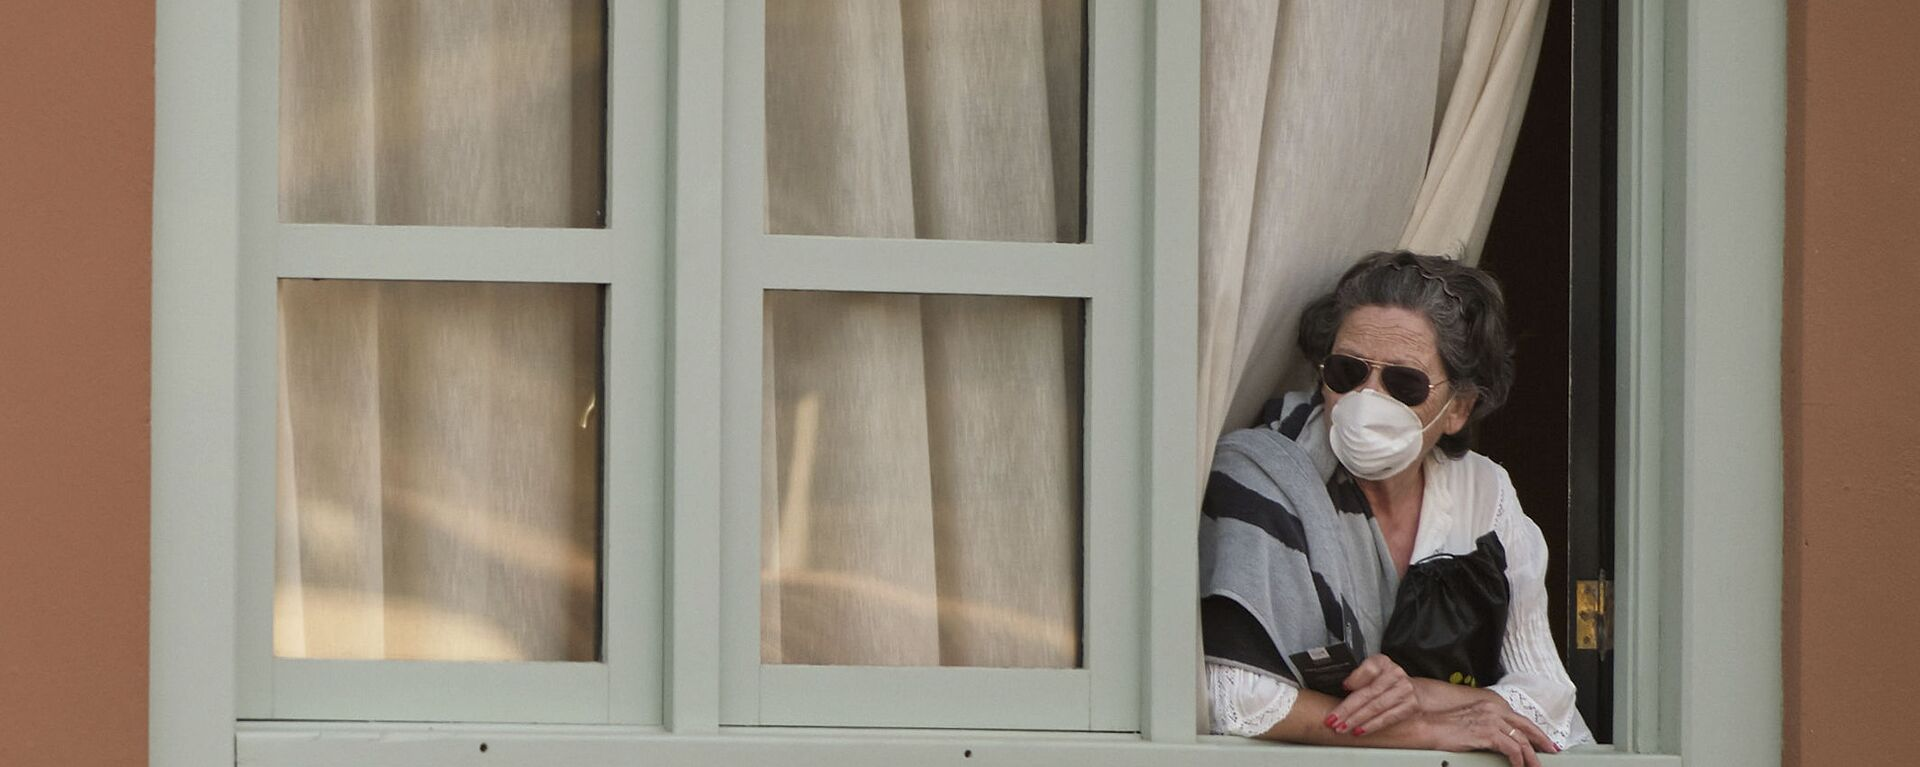 Женщина смотрит из окна Costa Adeje Palace hotel на Тенерифе - Sputnik Латвия, 1920, 03.03.2020